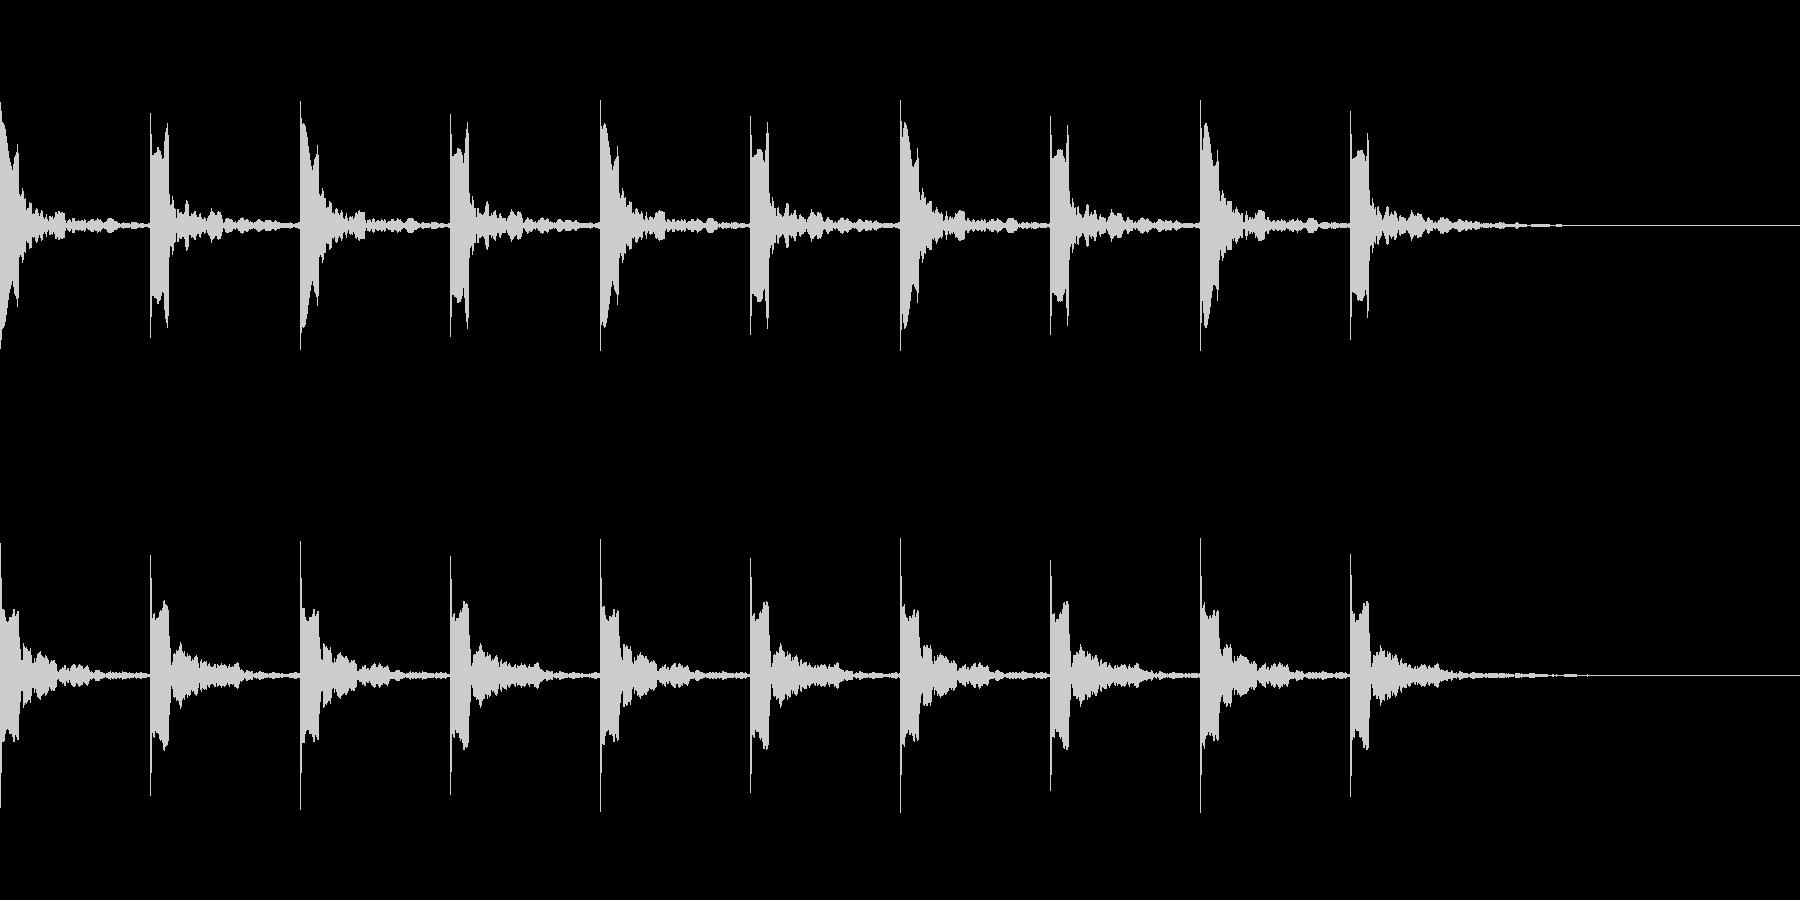 カウント10秒シンプル ピッピ の未再生の波形